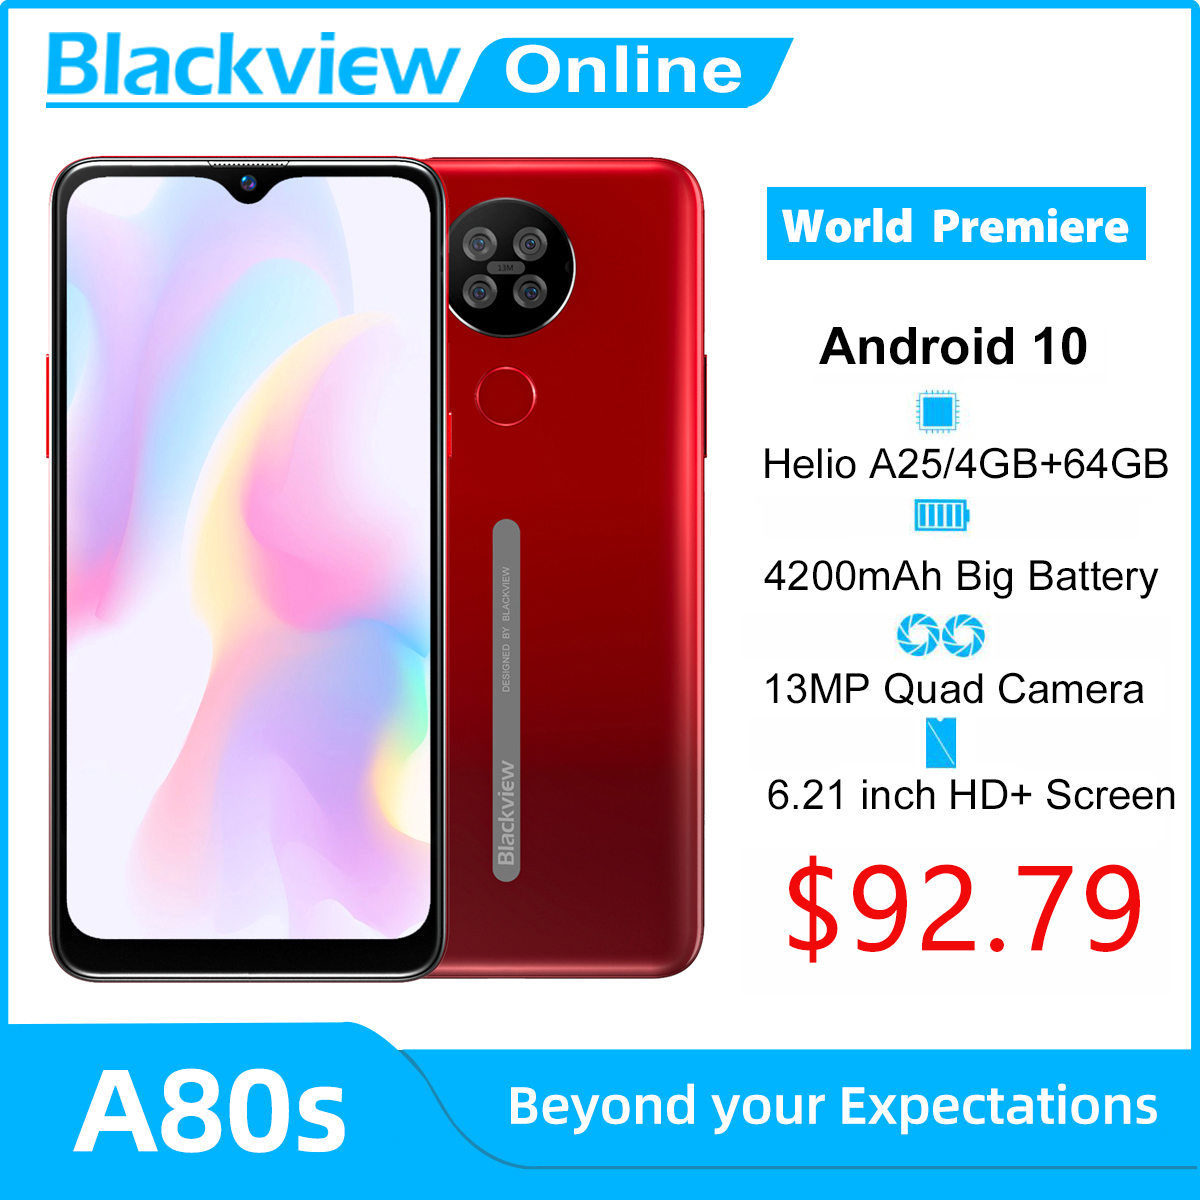 Blackview A80s Android 10 Smartphone 4GB RAM + 64GB ROM Octa Core 13MP caméra arrière 4200mAh visage empreinte digitale déverrouiller 4G téléphone portable